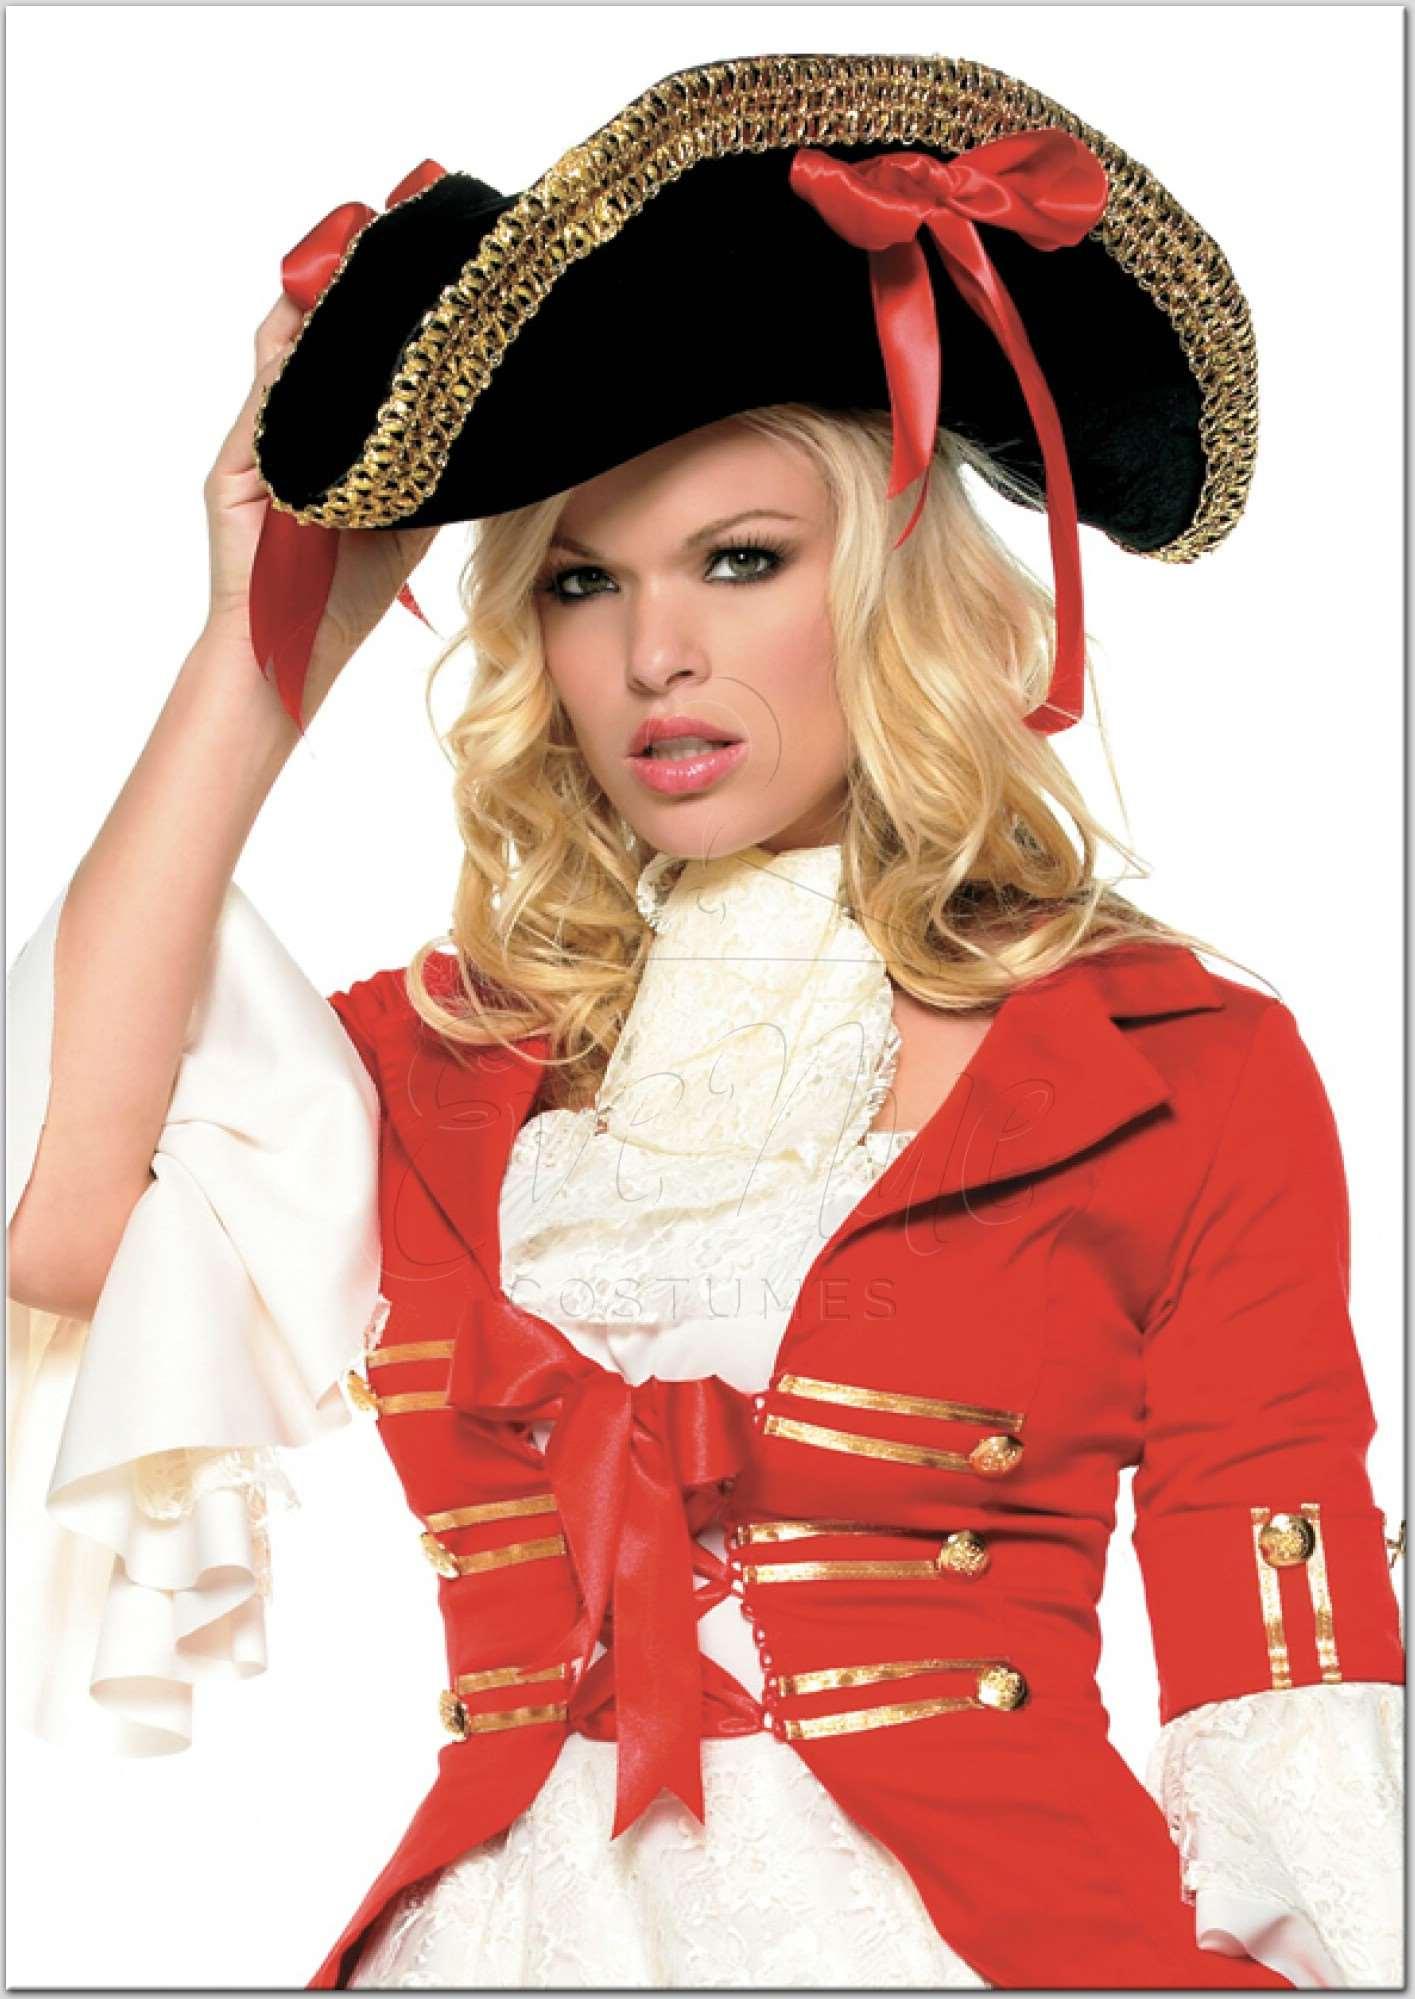 Női kalóz kalap az EveNue Costumes jelmezkölcsönző szalon kínálatából